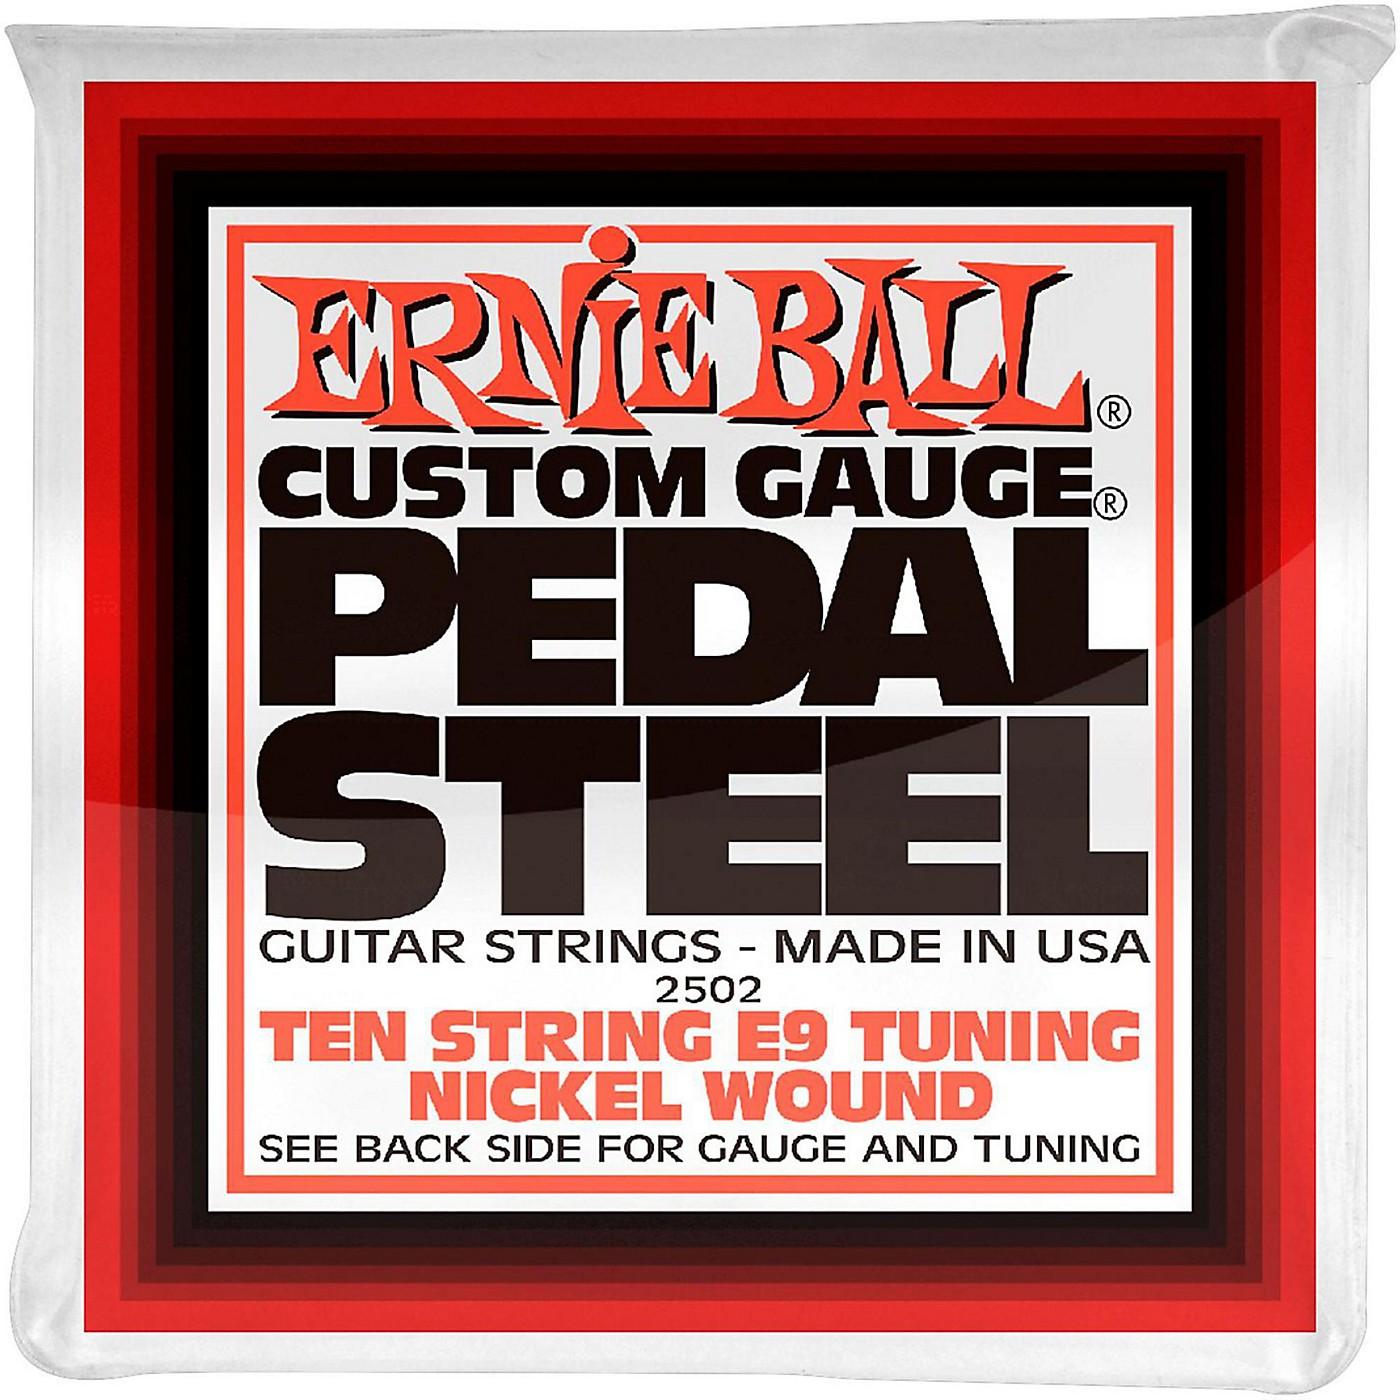 Ernie Ball 2502 10-String E9 Pedal Steel Guitar Strings thumbnail